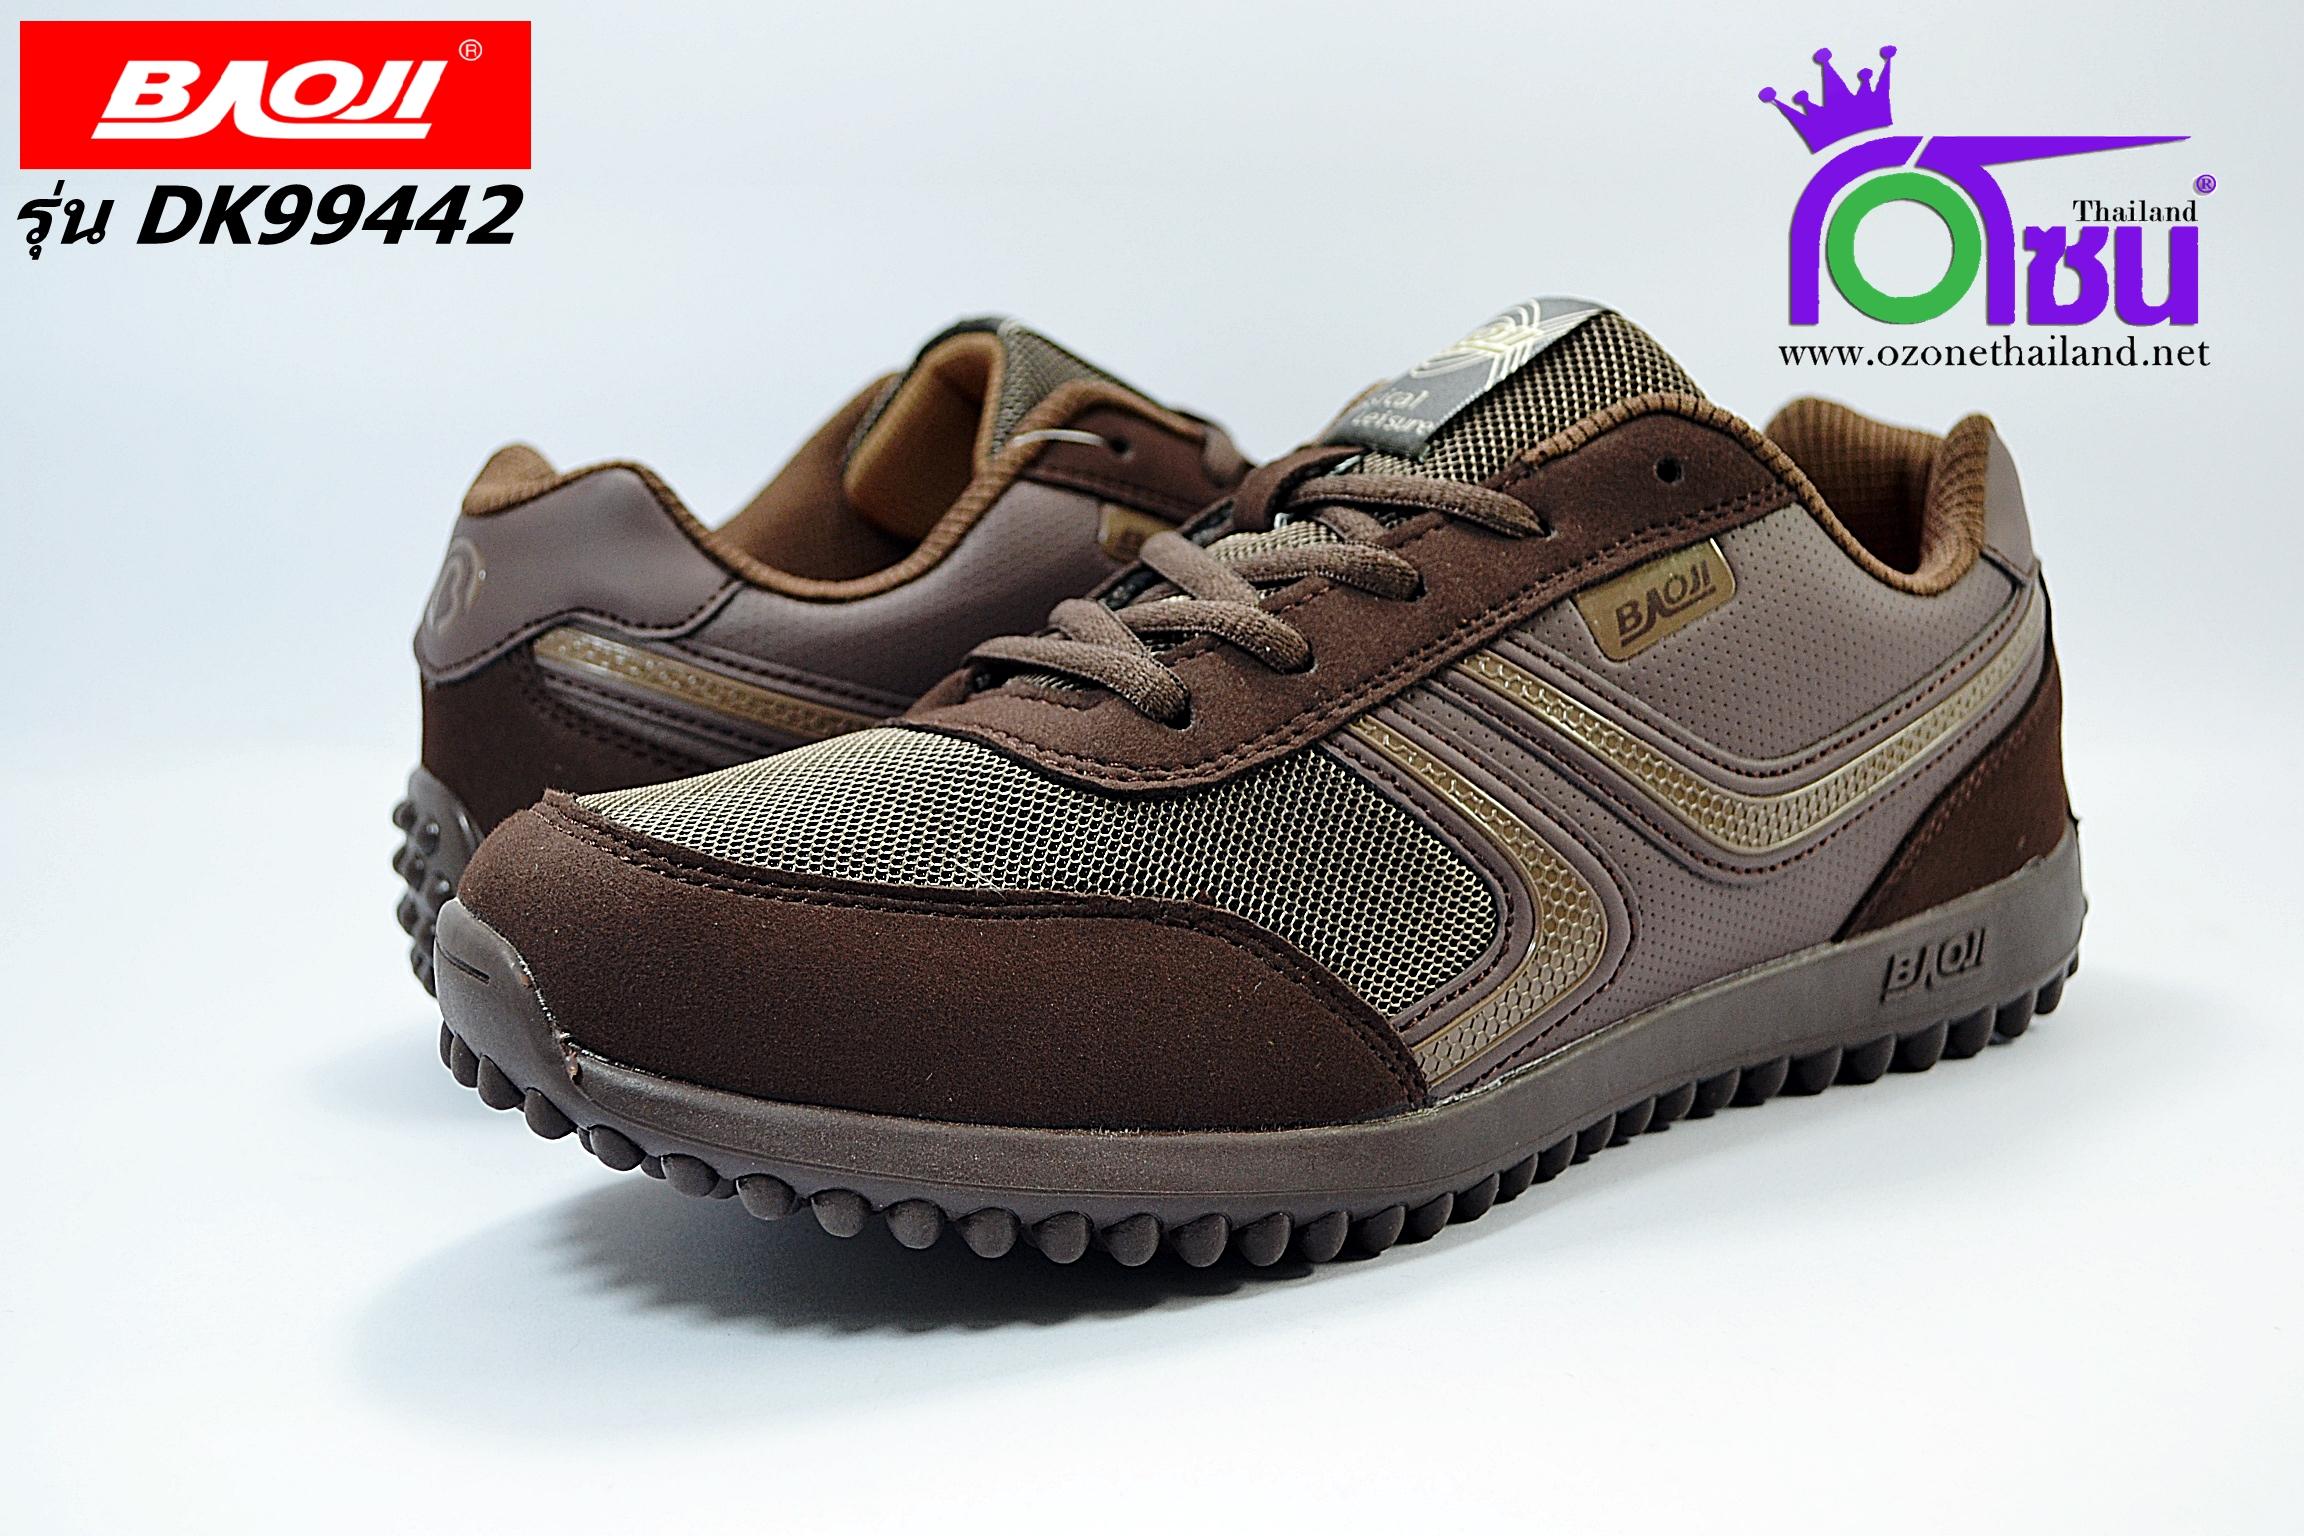 รองเท้าผ้าใบบาโอจิ ชาย รุ่นDK99442 สีน้ำตาล เบอร์41-45